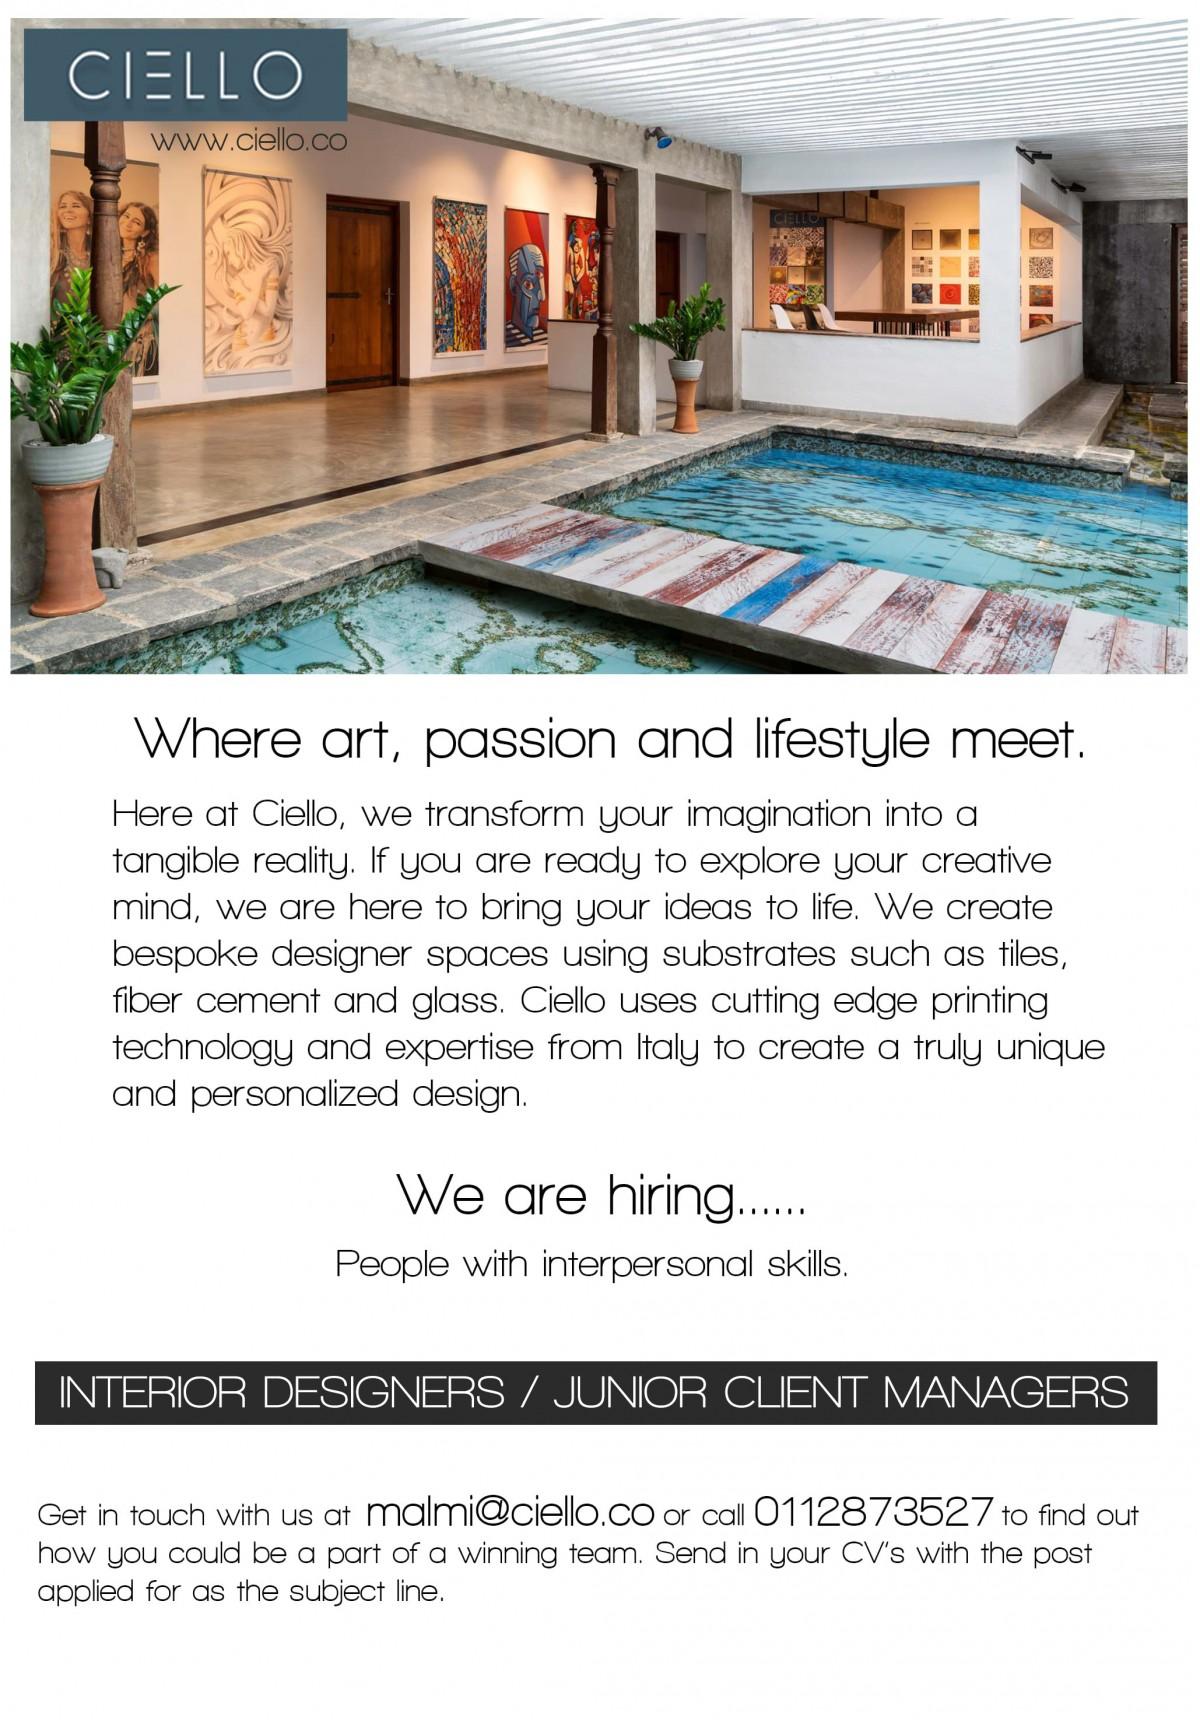 Interior Designer Junior Client